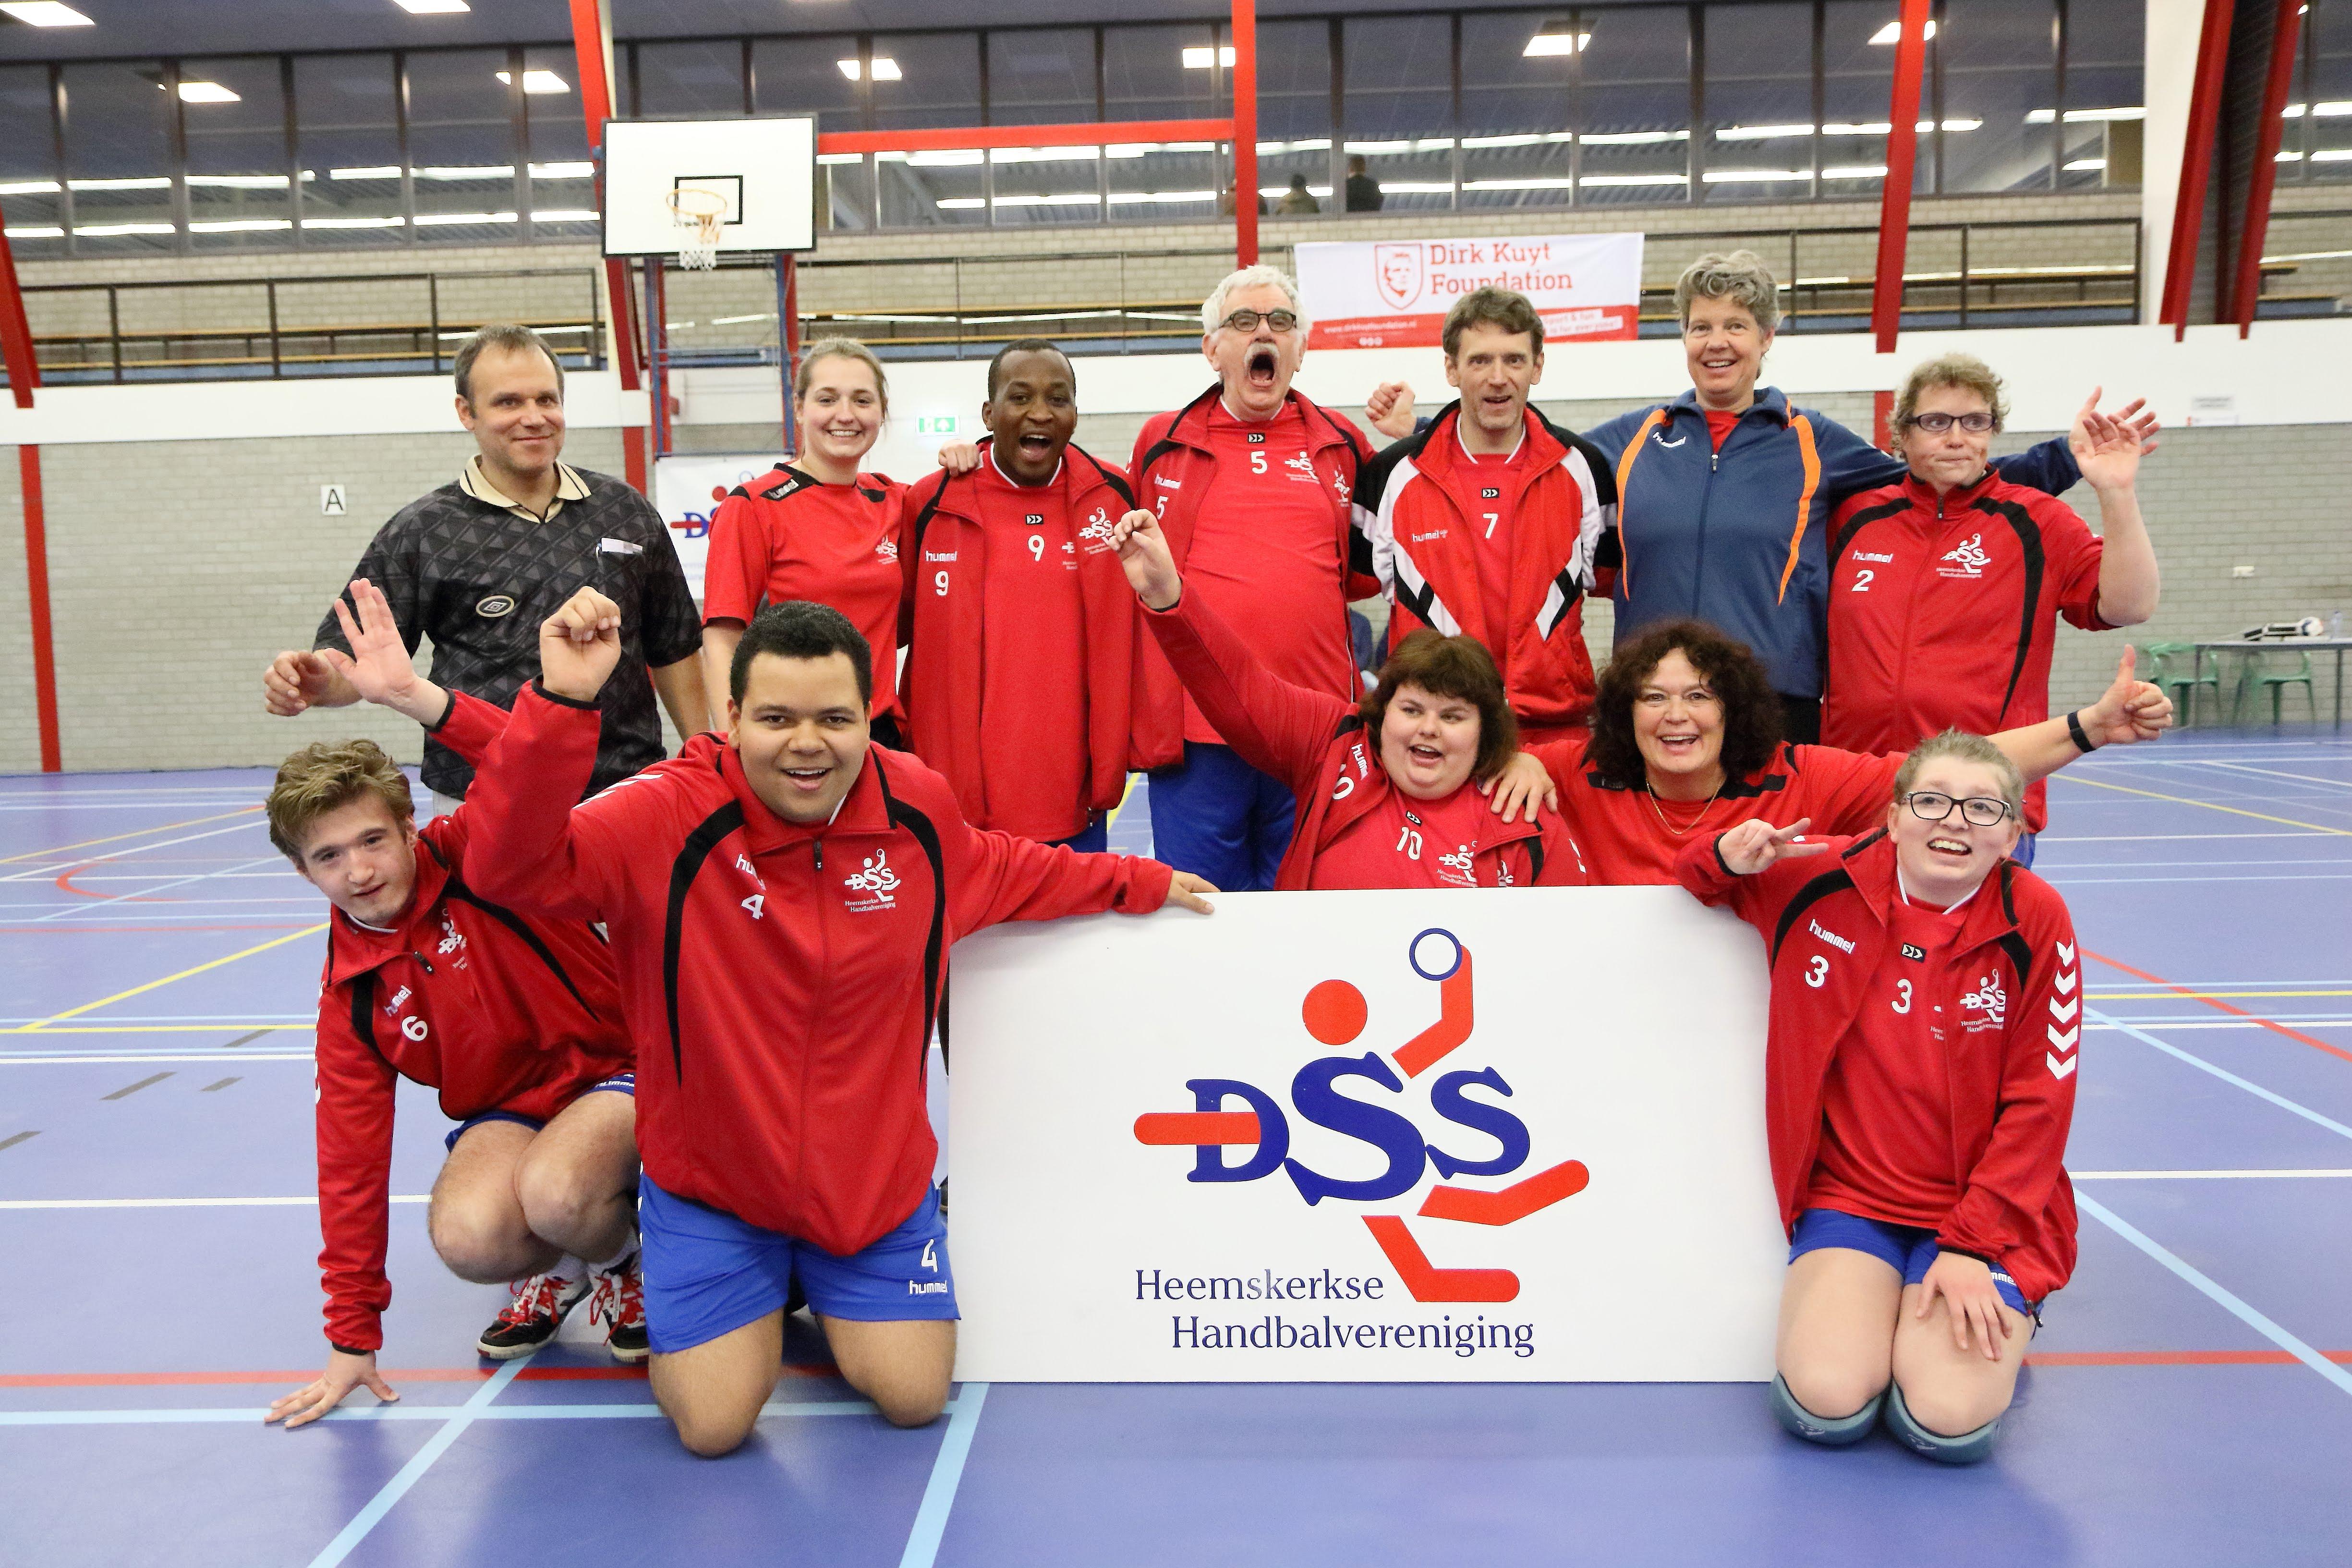 Bij het G-handbal van DSS staan plezier en enthousiasme voorop. (Foto: Maxime Sinnige)